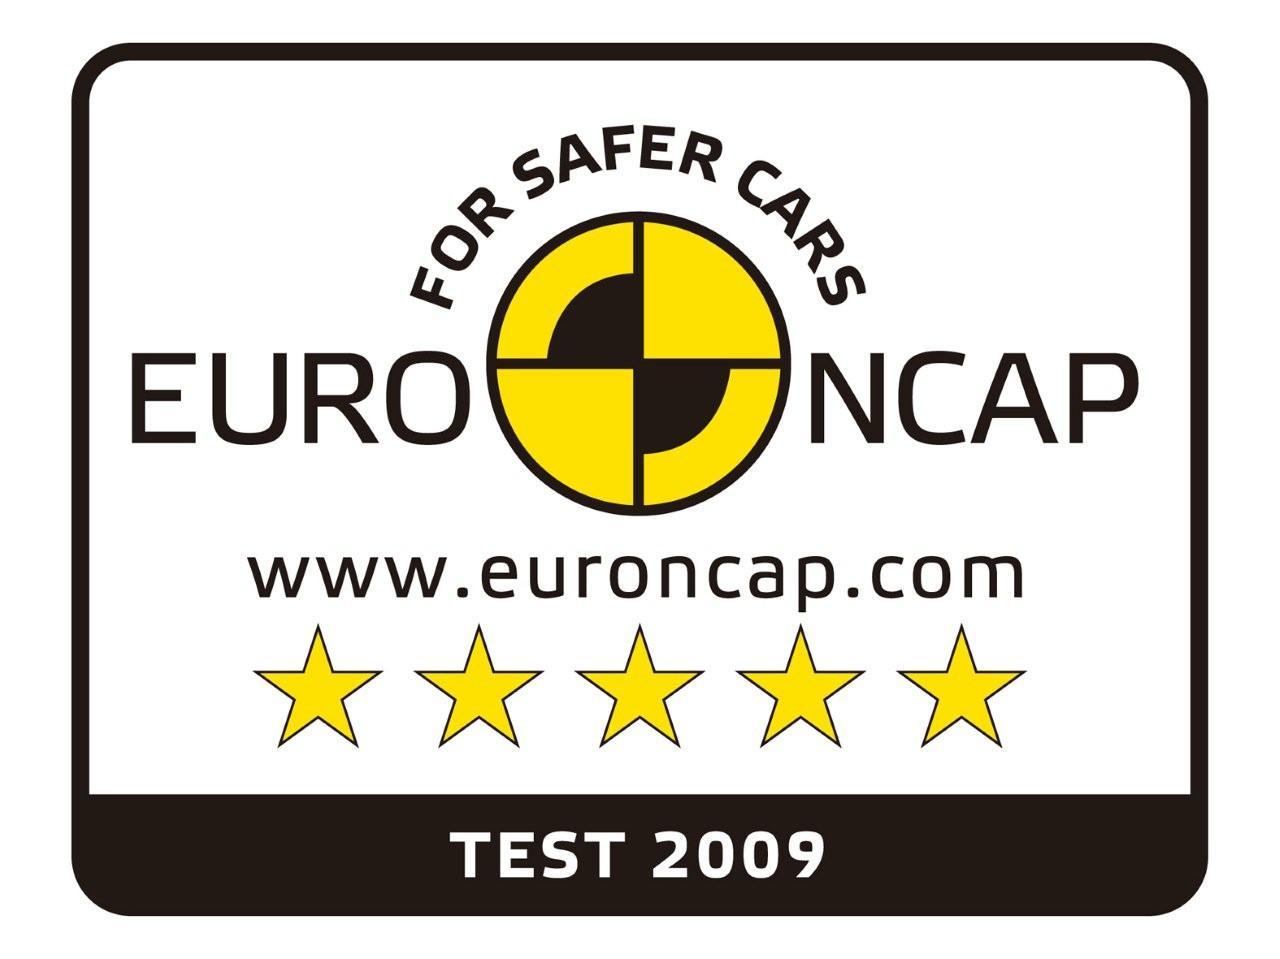 EuroNCAP_atd